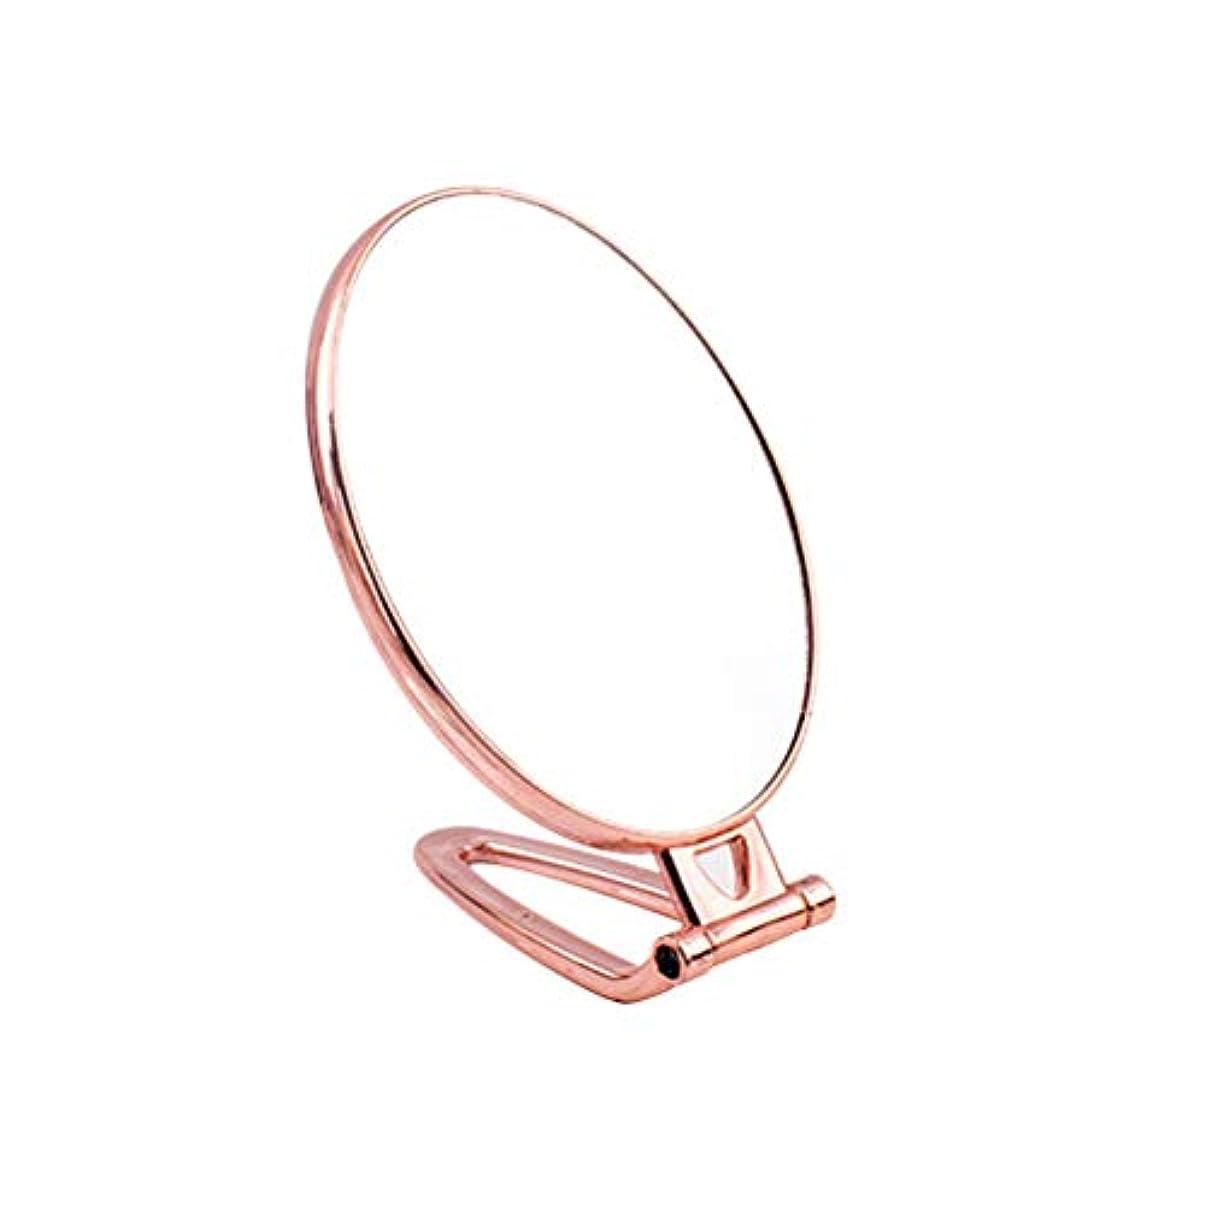 黄ばむジョージエリオット違反するFrcolor 手鏡 折りたたみ式 化粧鏡 両面鏡 メイクミラー ハンド スタンドミラー(ゴールデン、オーバル)